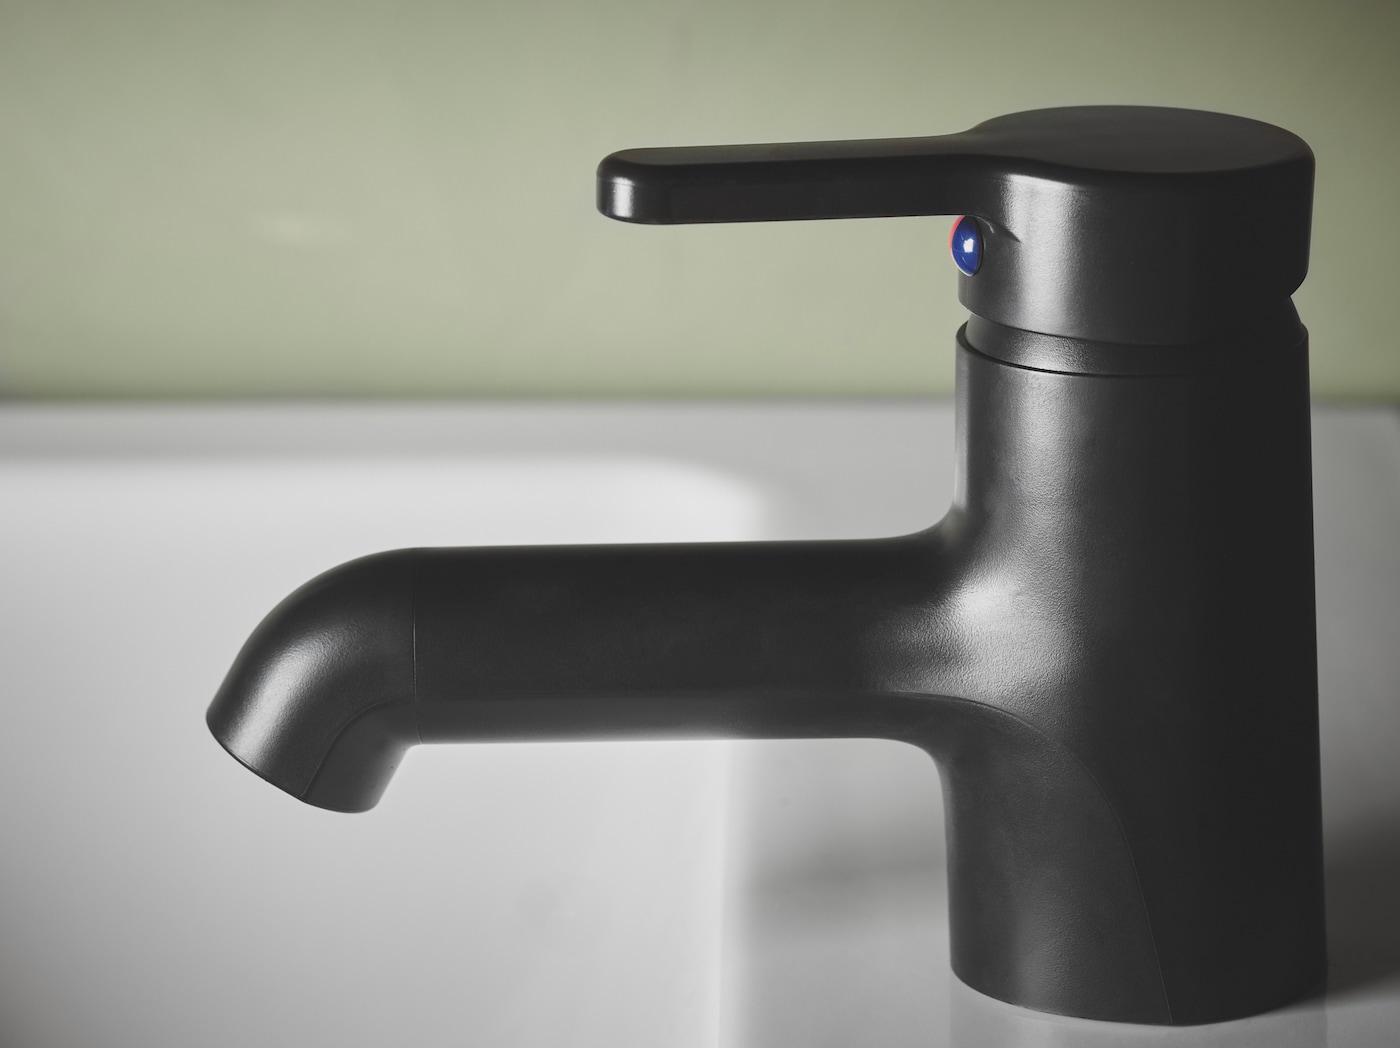 SALJEN 萨利恩 洗脸池水龙头风格简约,黑色塑料制成,搭配白色洗脸池使用。